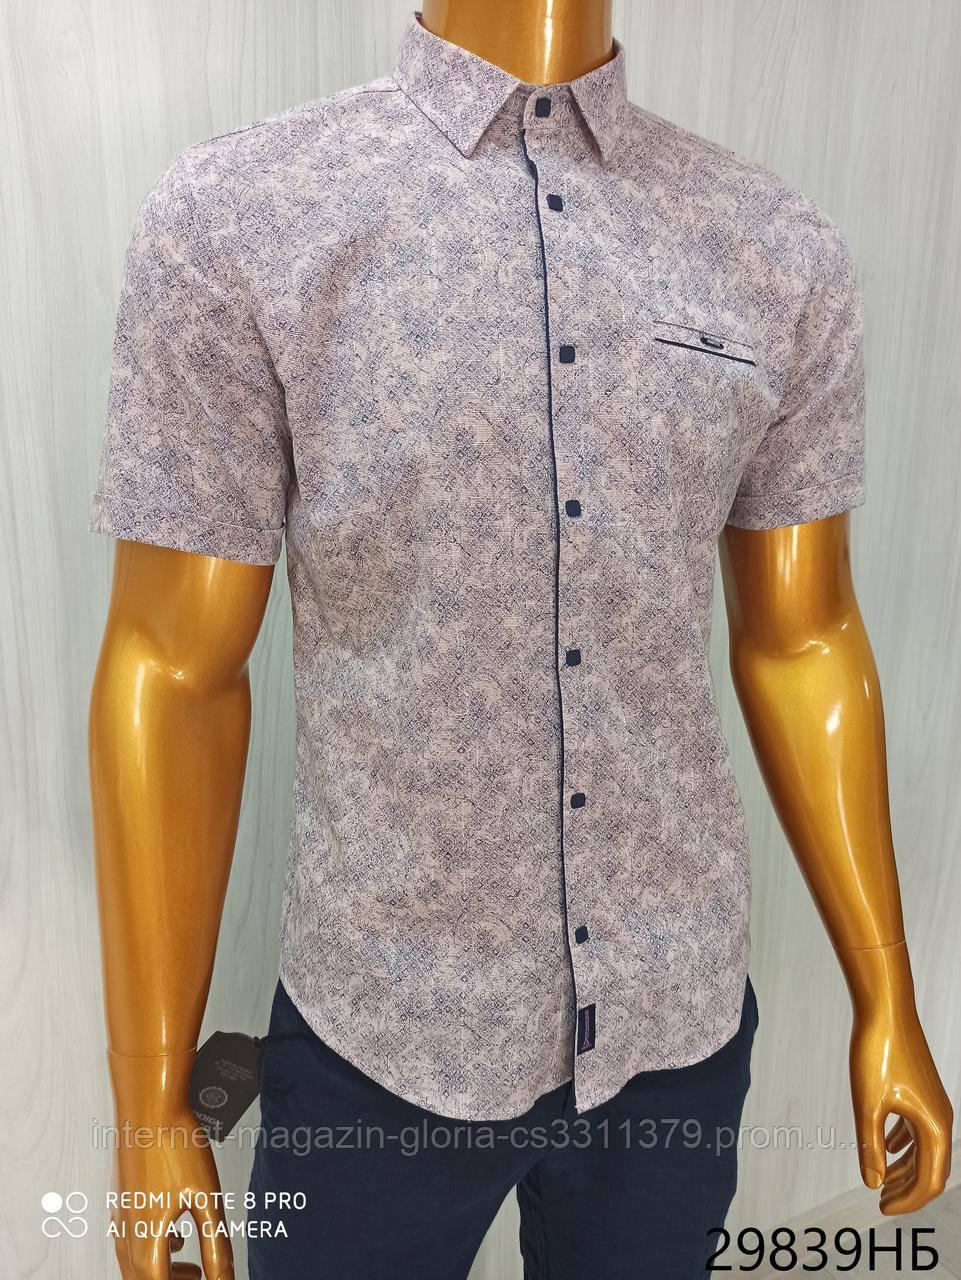 Мужская рубашка Батал Amato. AG.KG 29839-v06. Размеры: 2XL,3L,4XL,5XL.